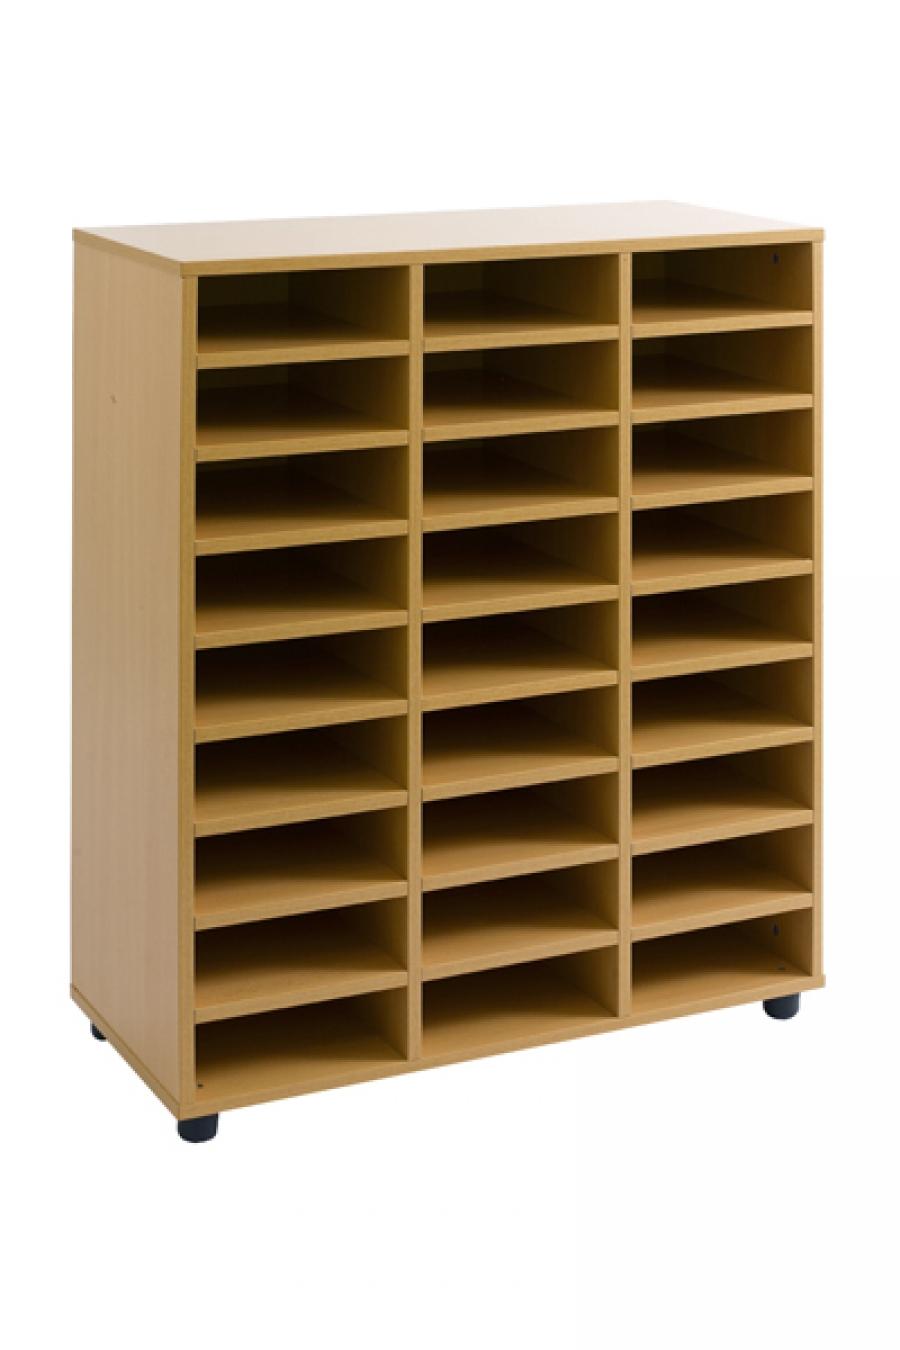 Muebles casilleros for Zapateras de madera sencillas